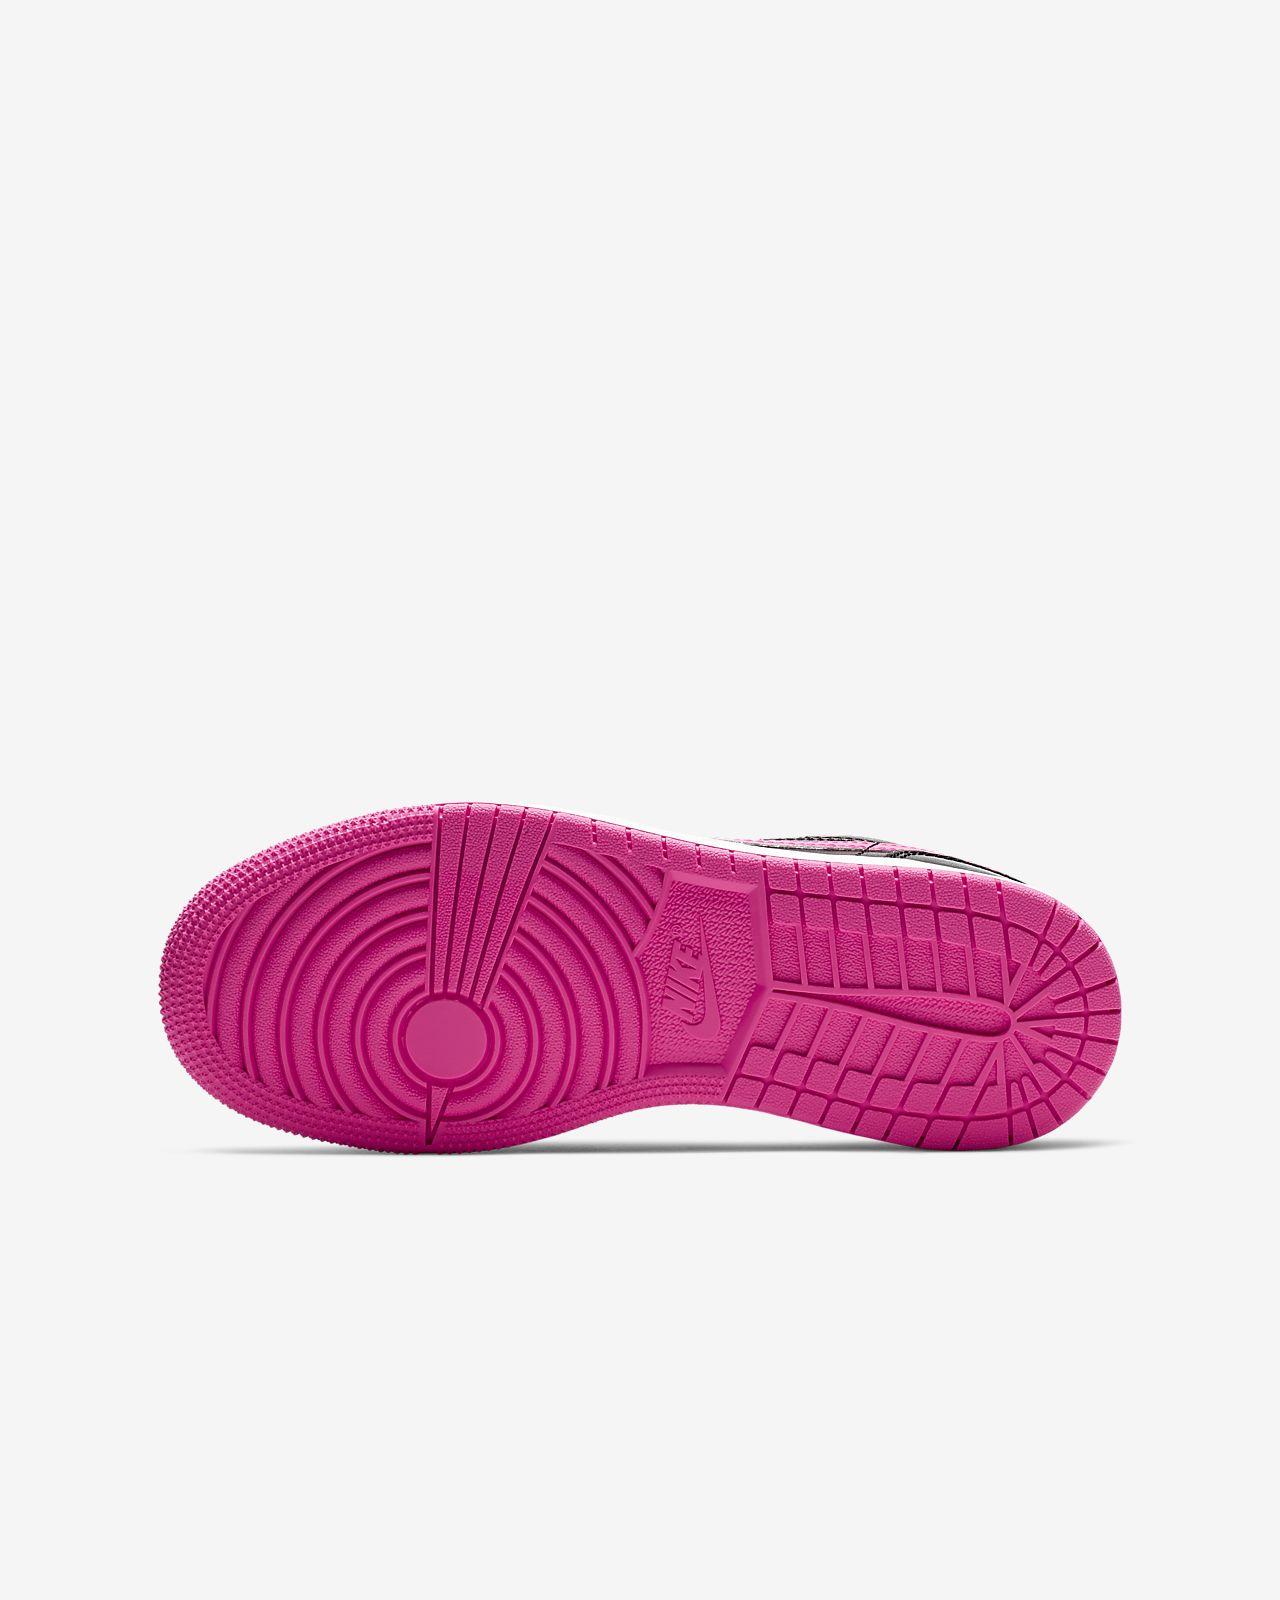 best sneakers 19cd8 6c739 Air Jordan 1 Low Big Kids' (Girls') Shoe. Nike.com